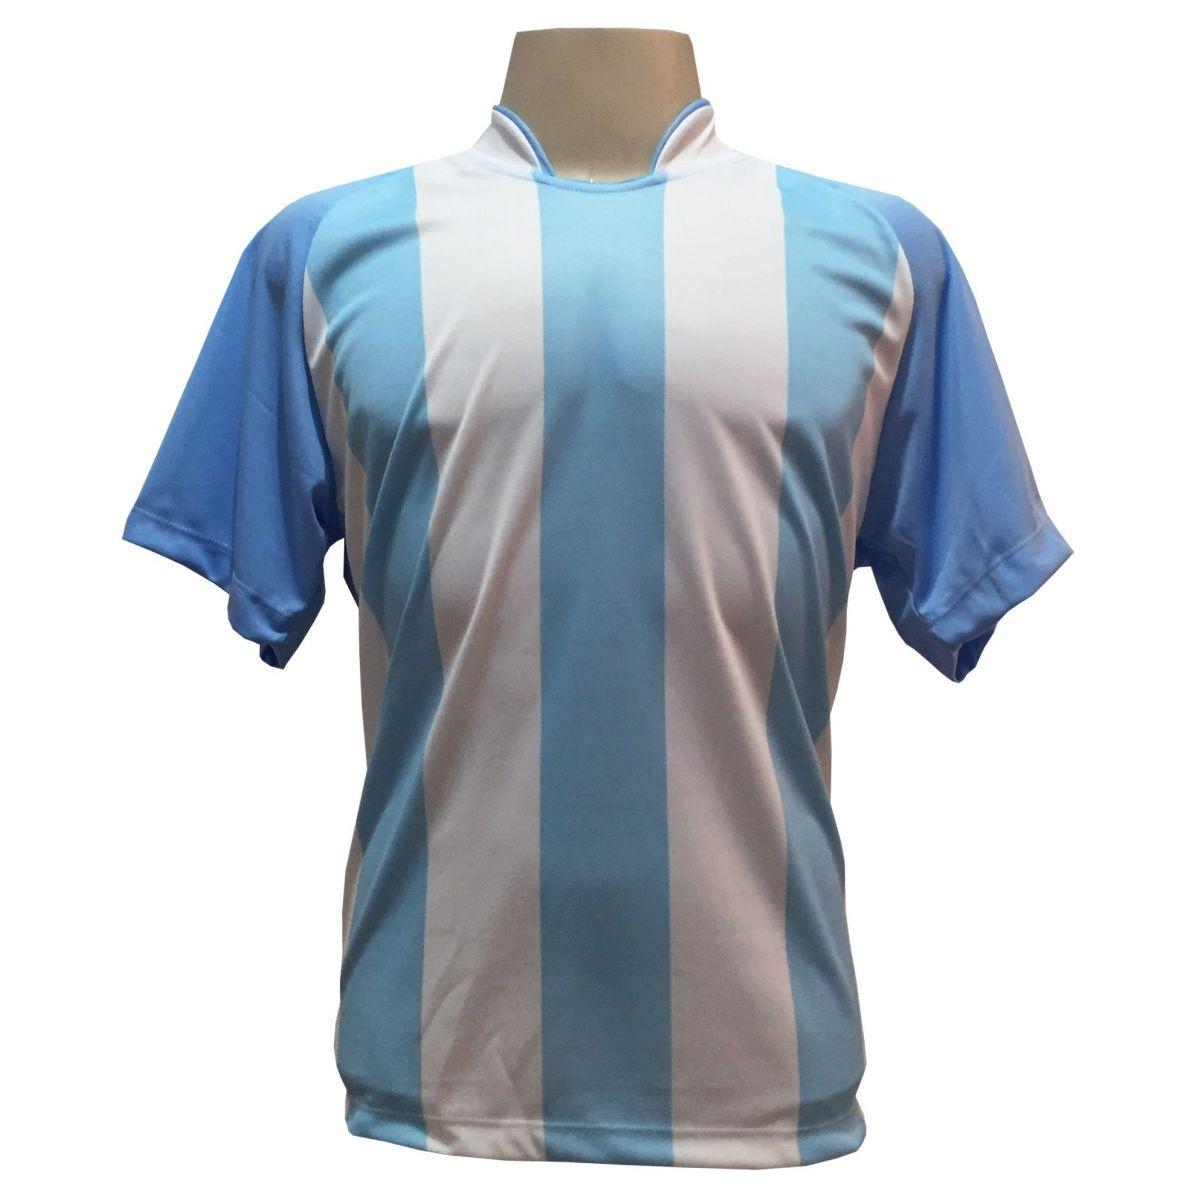 Uniforme Esportivo com 18 camisas modelo Milan Celeste/Branco + 18 calções modelo Madrid Branco + 18 pares de meiões Branco